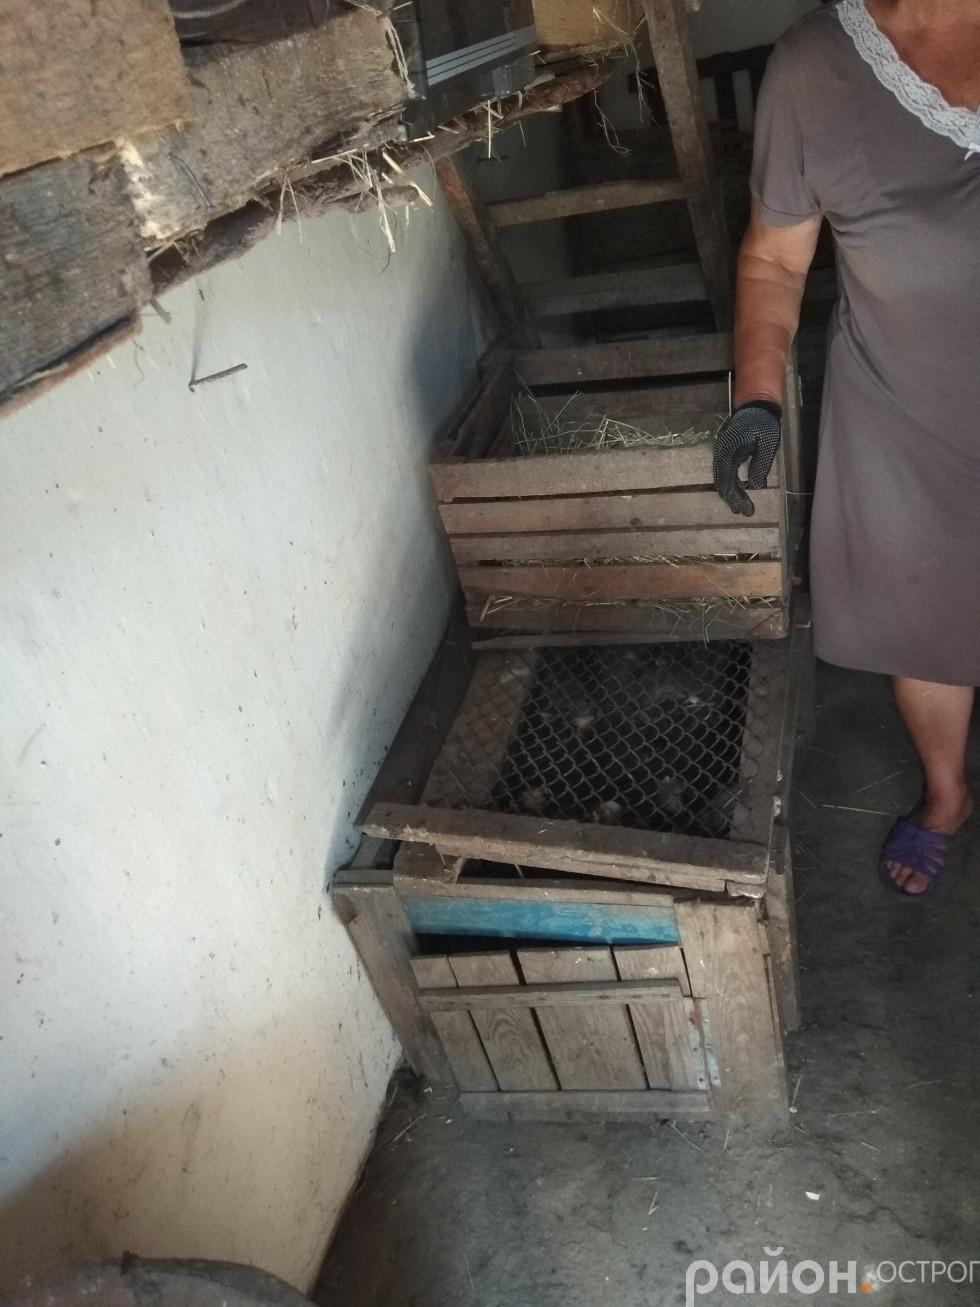 Те, чим накритий ящик, було скинуто, а курчата витягнуті й задушені